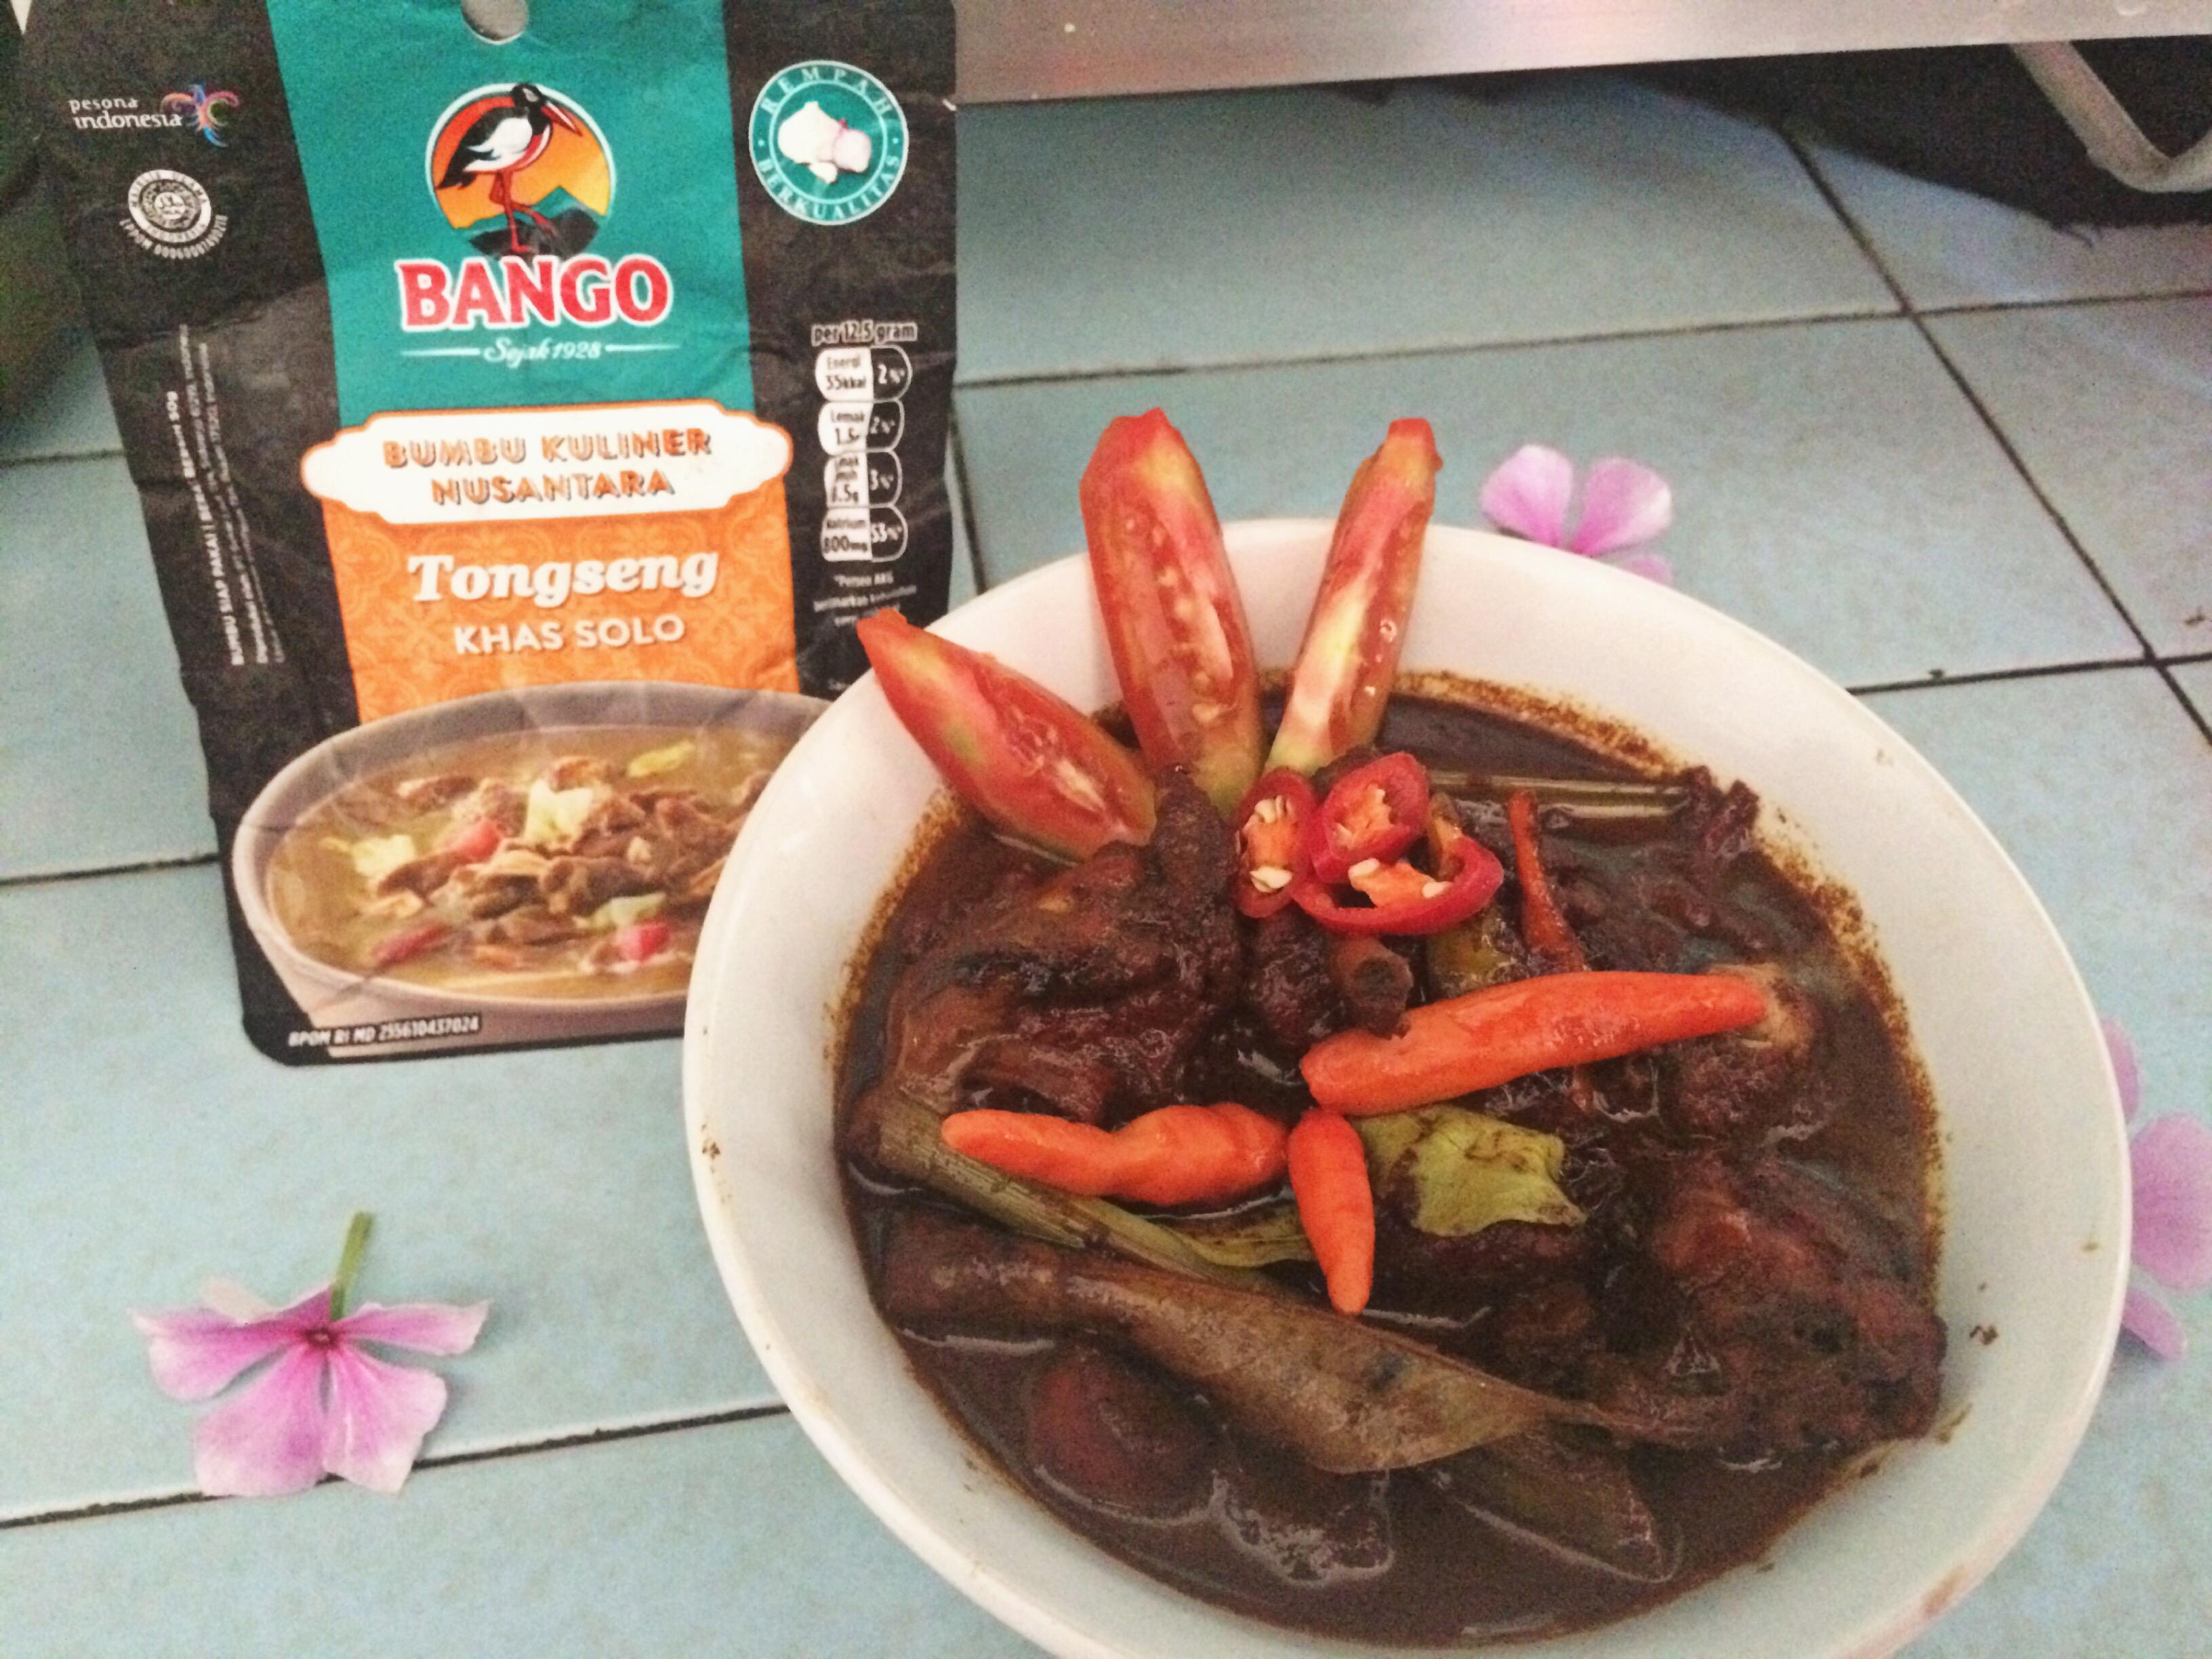 gambar review ke-1 untuk Bango Bumbu Kuliner Nusantara - Tongseng